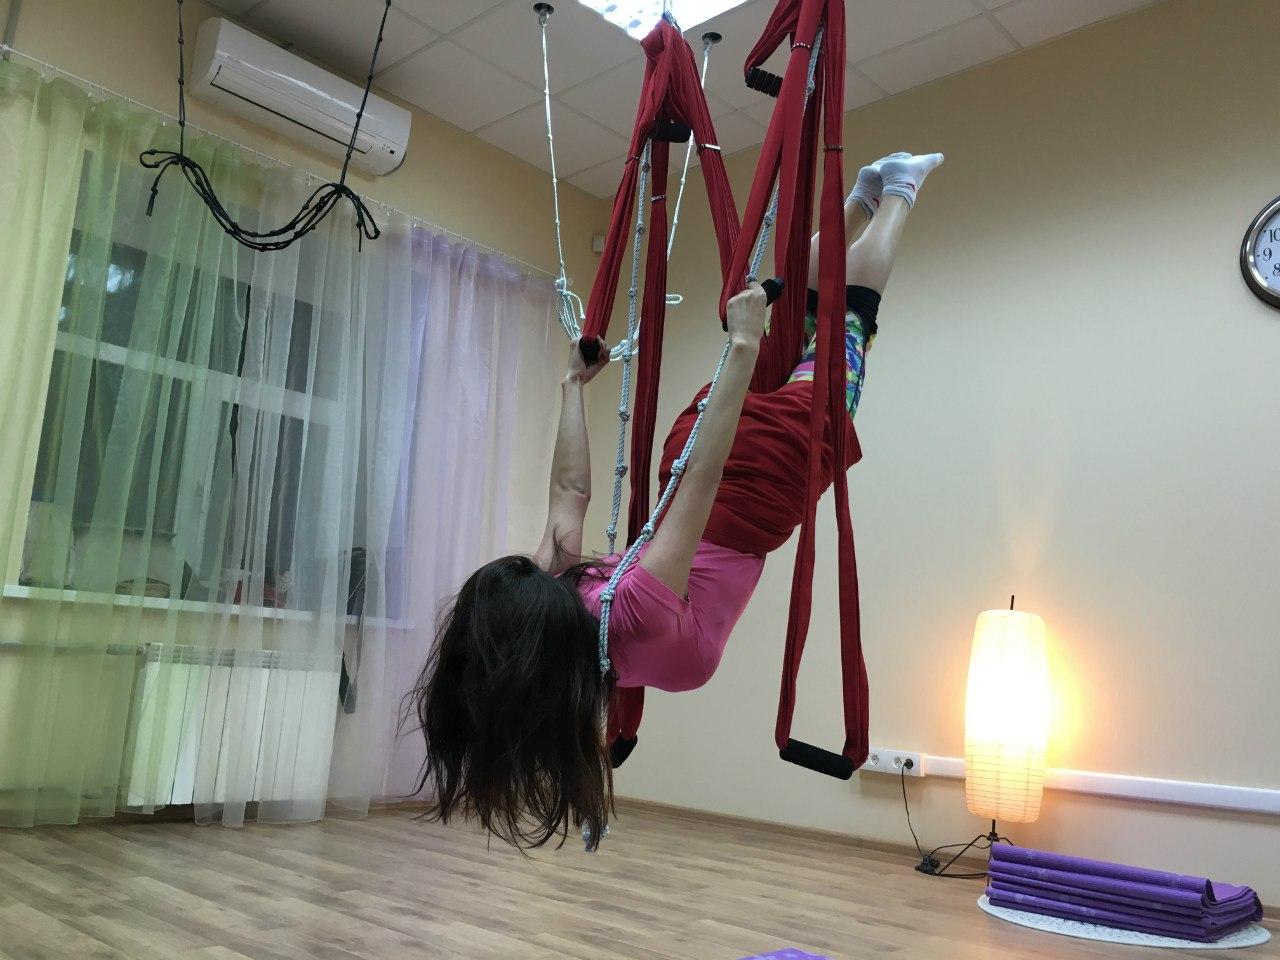 В воздушной йоге отдых важная часть тренировки